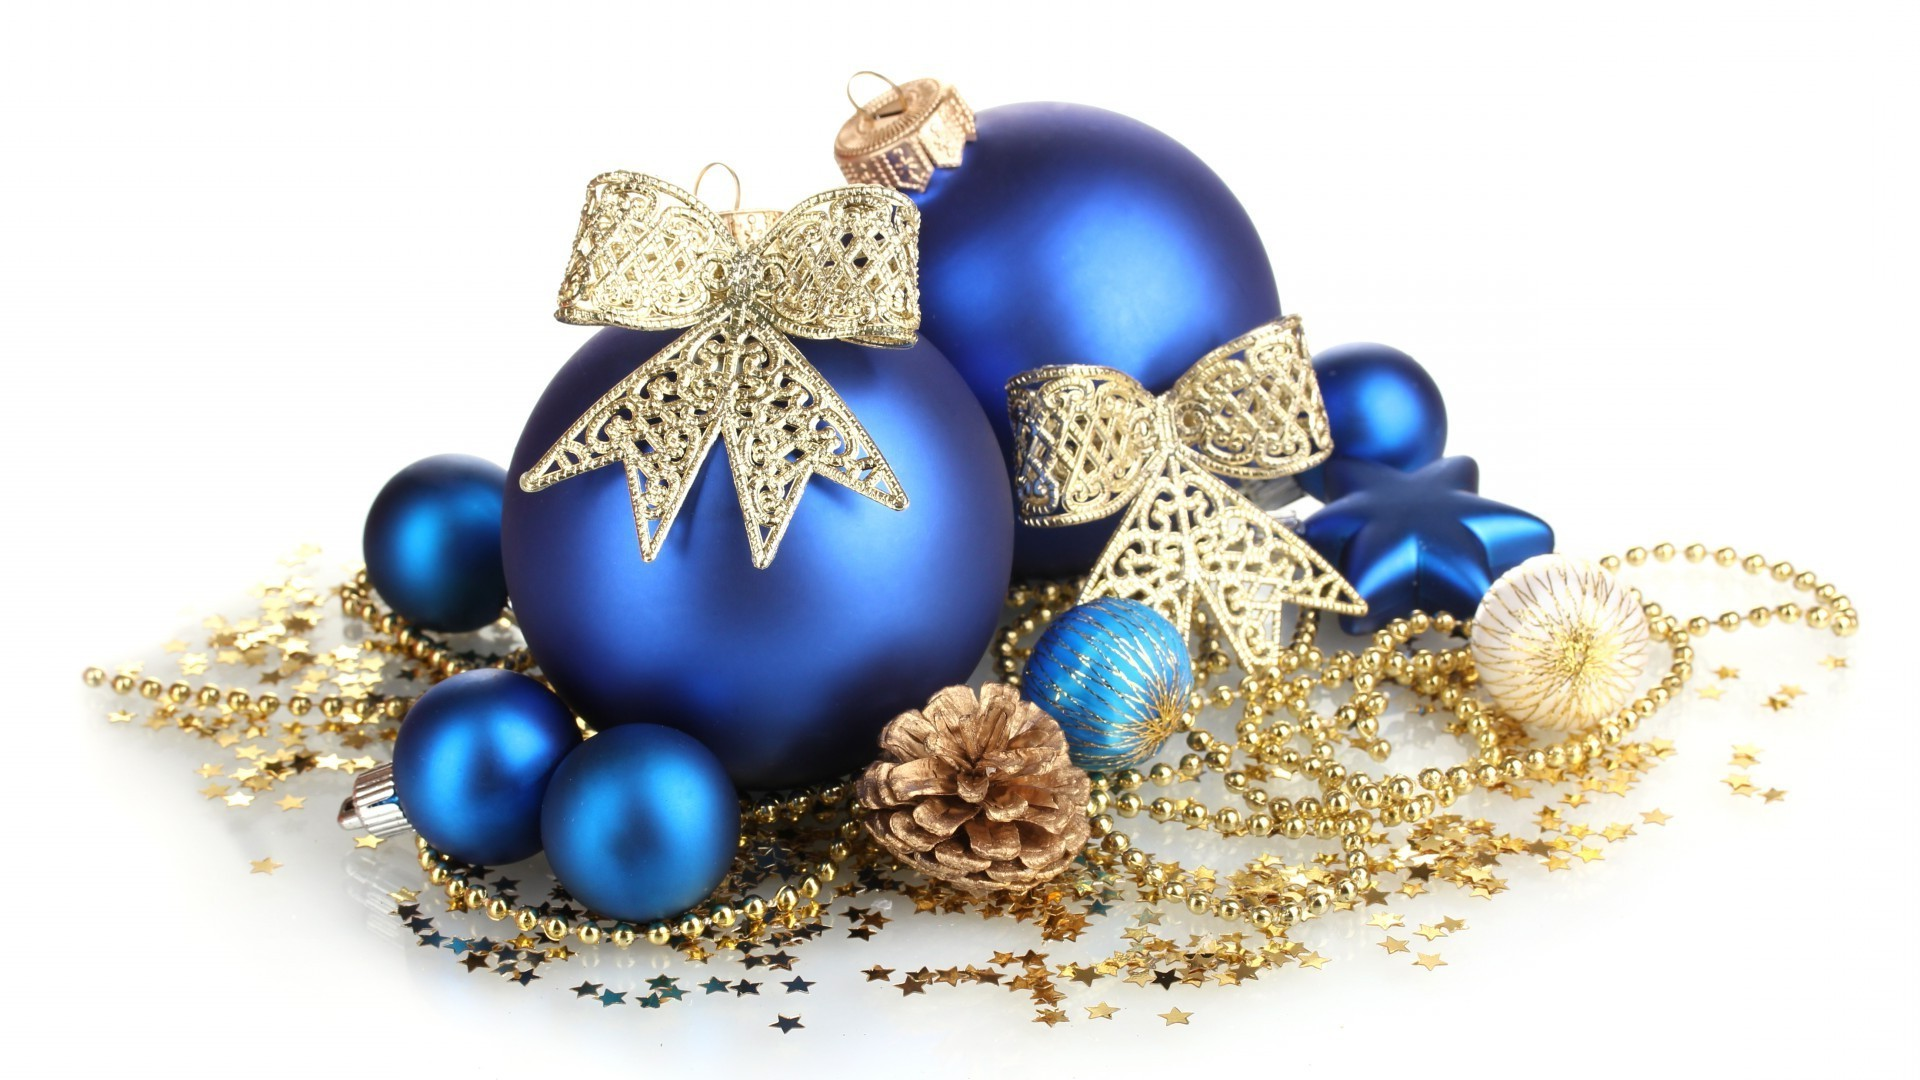 Новогоднее украшение открыток